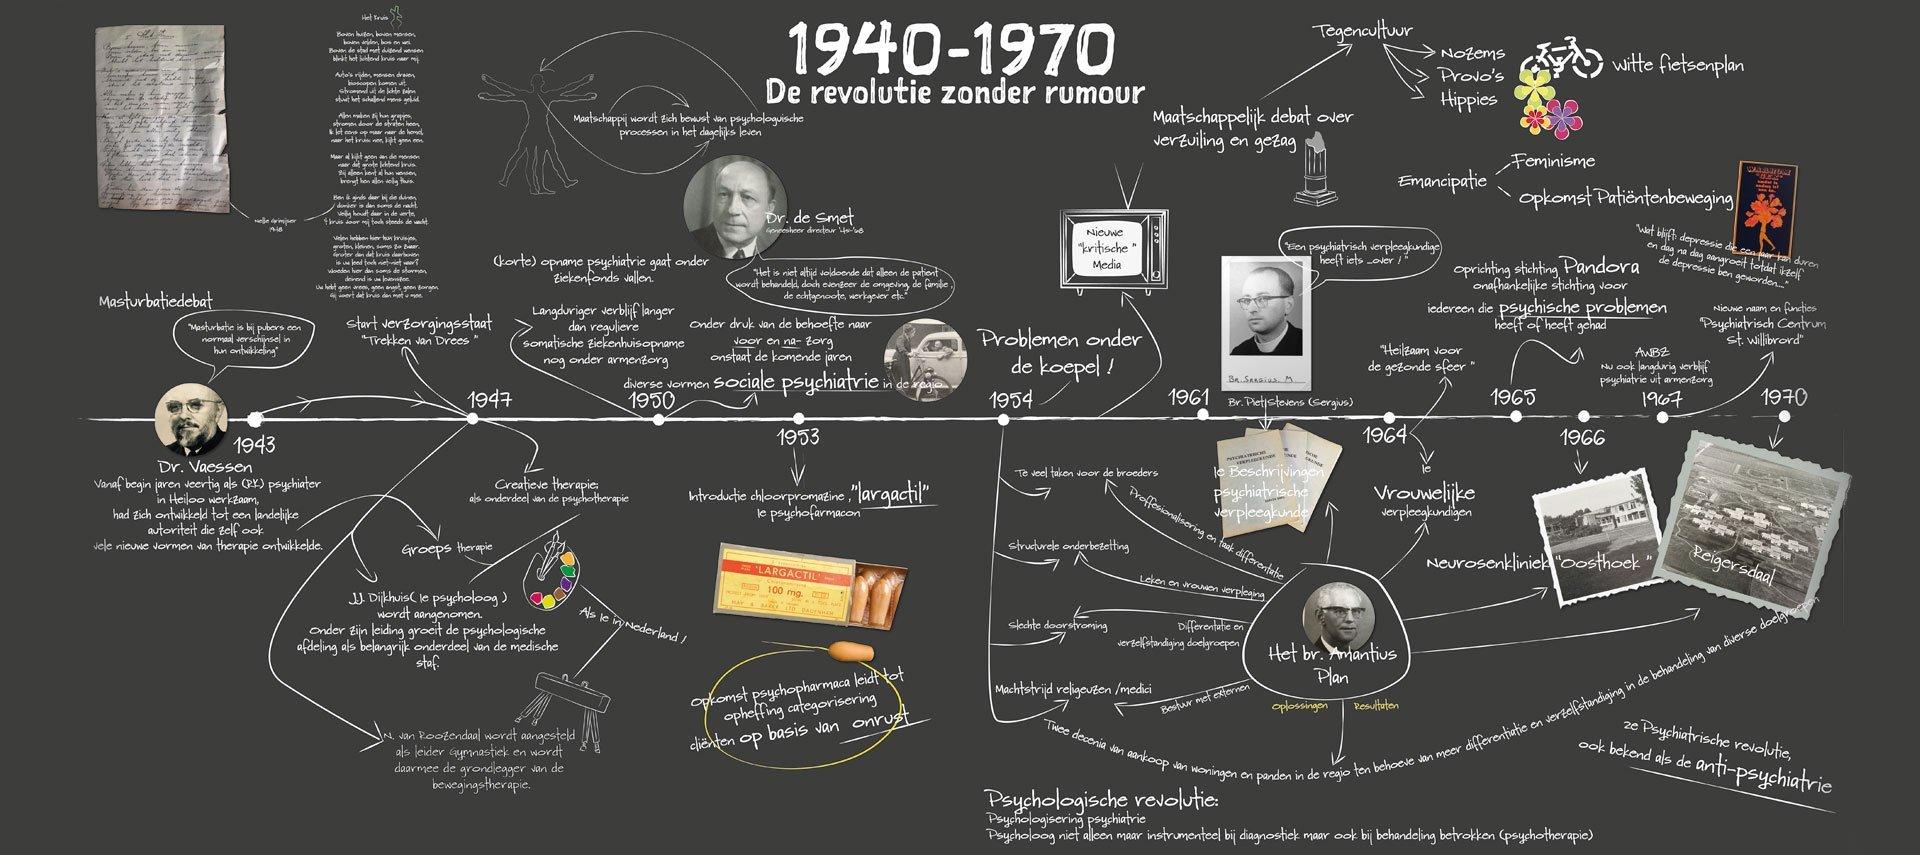 slide3-timeline